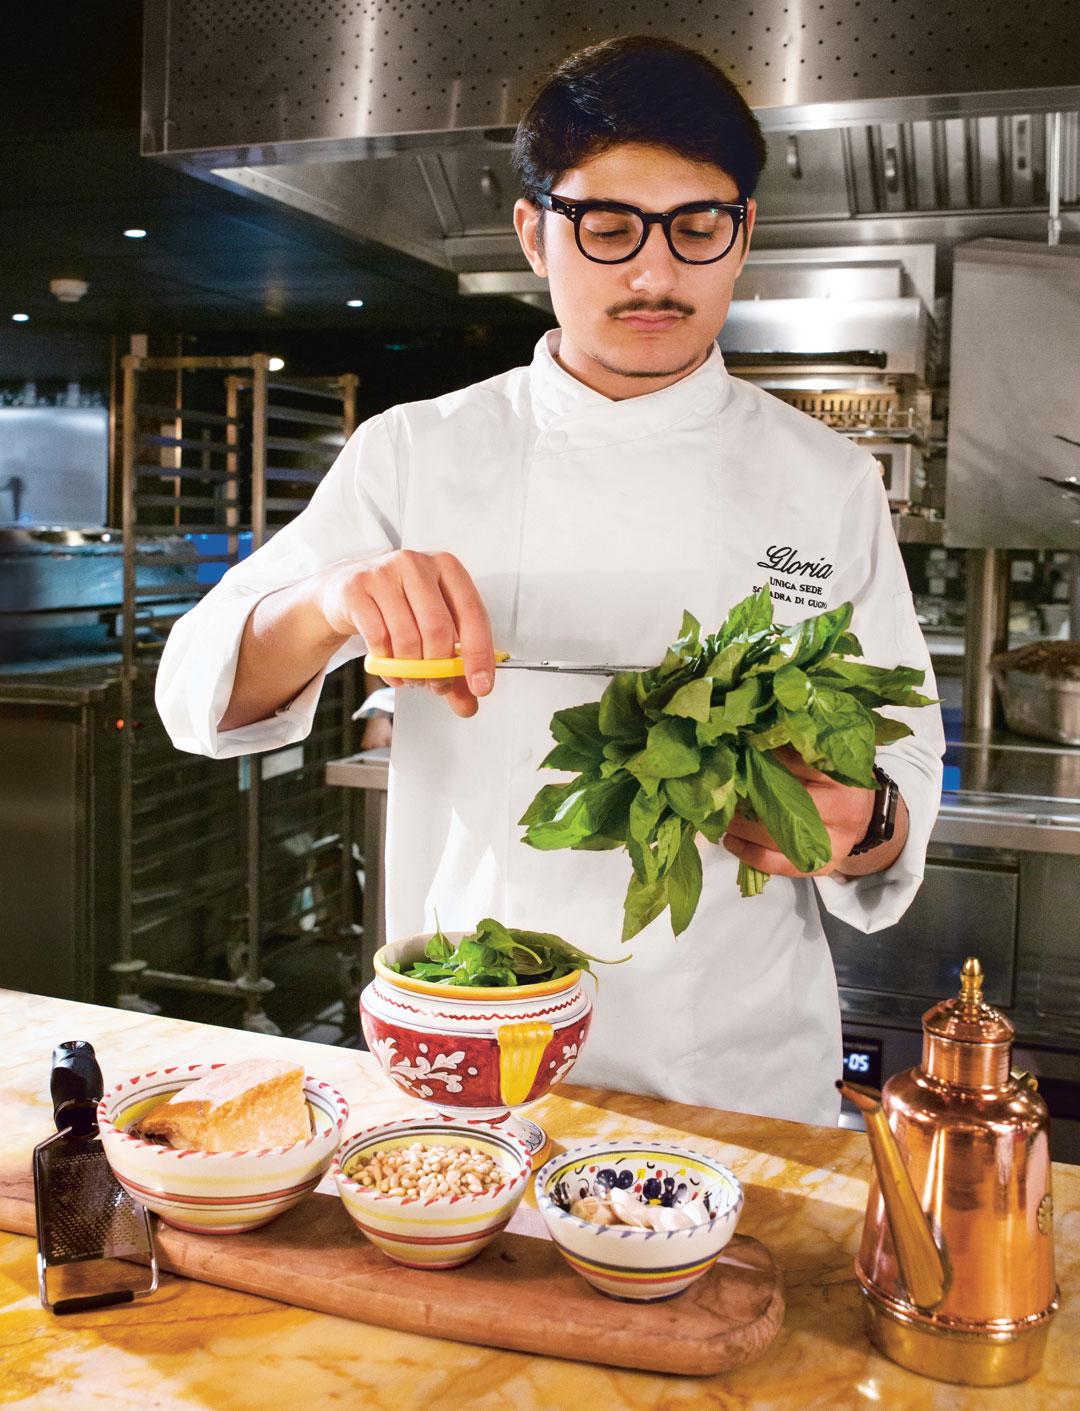 Big Mamma chef Andrea Zambrano